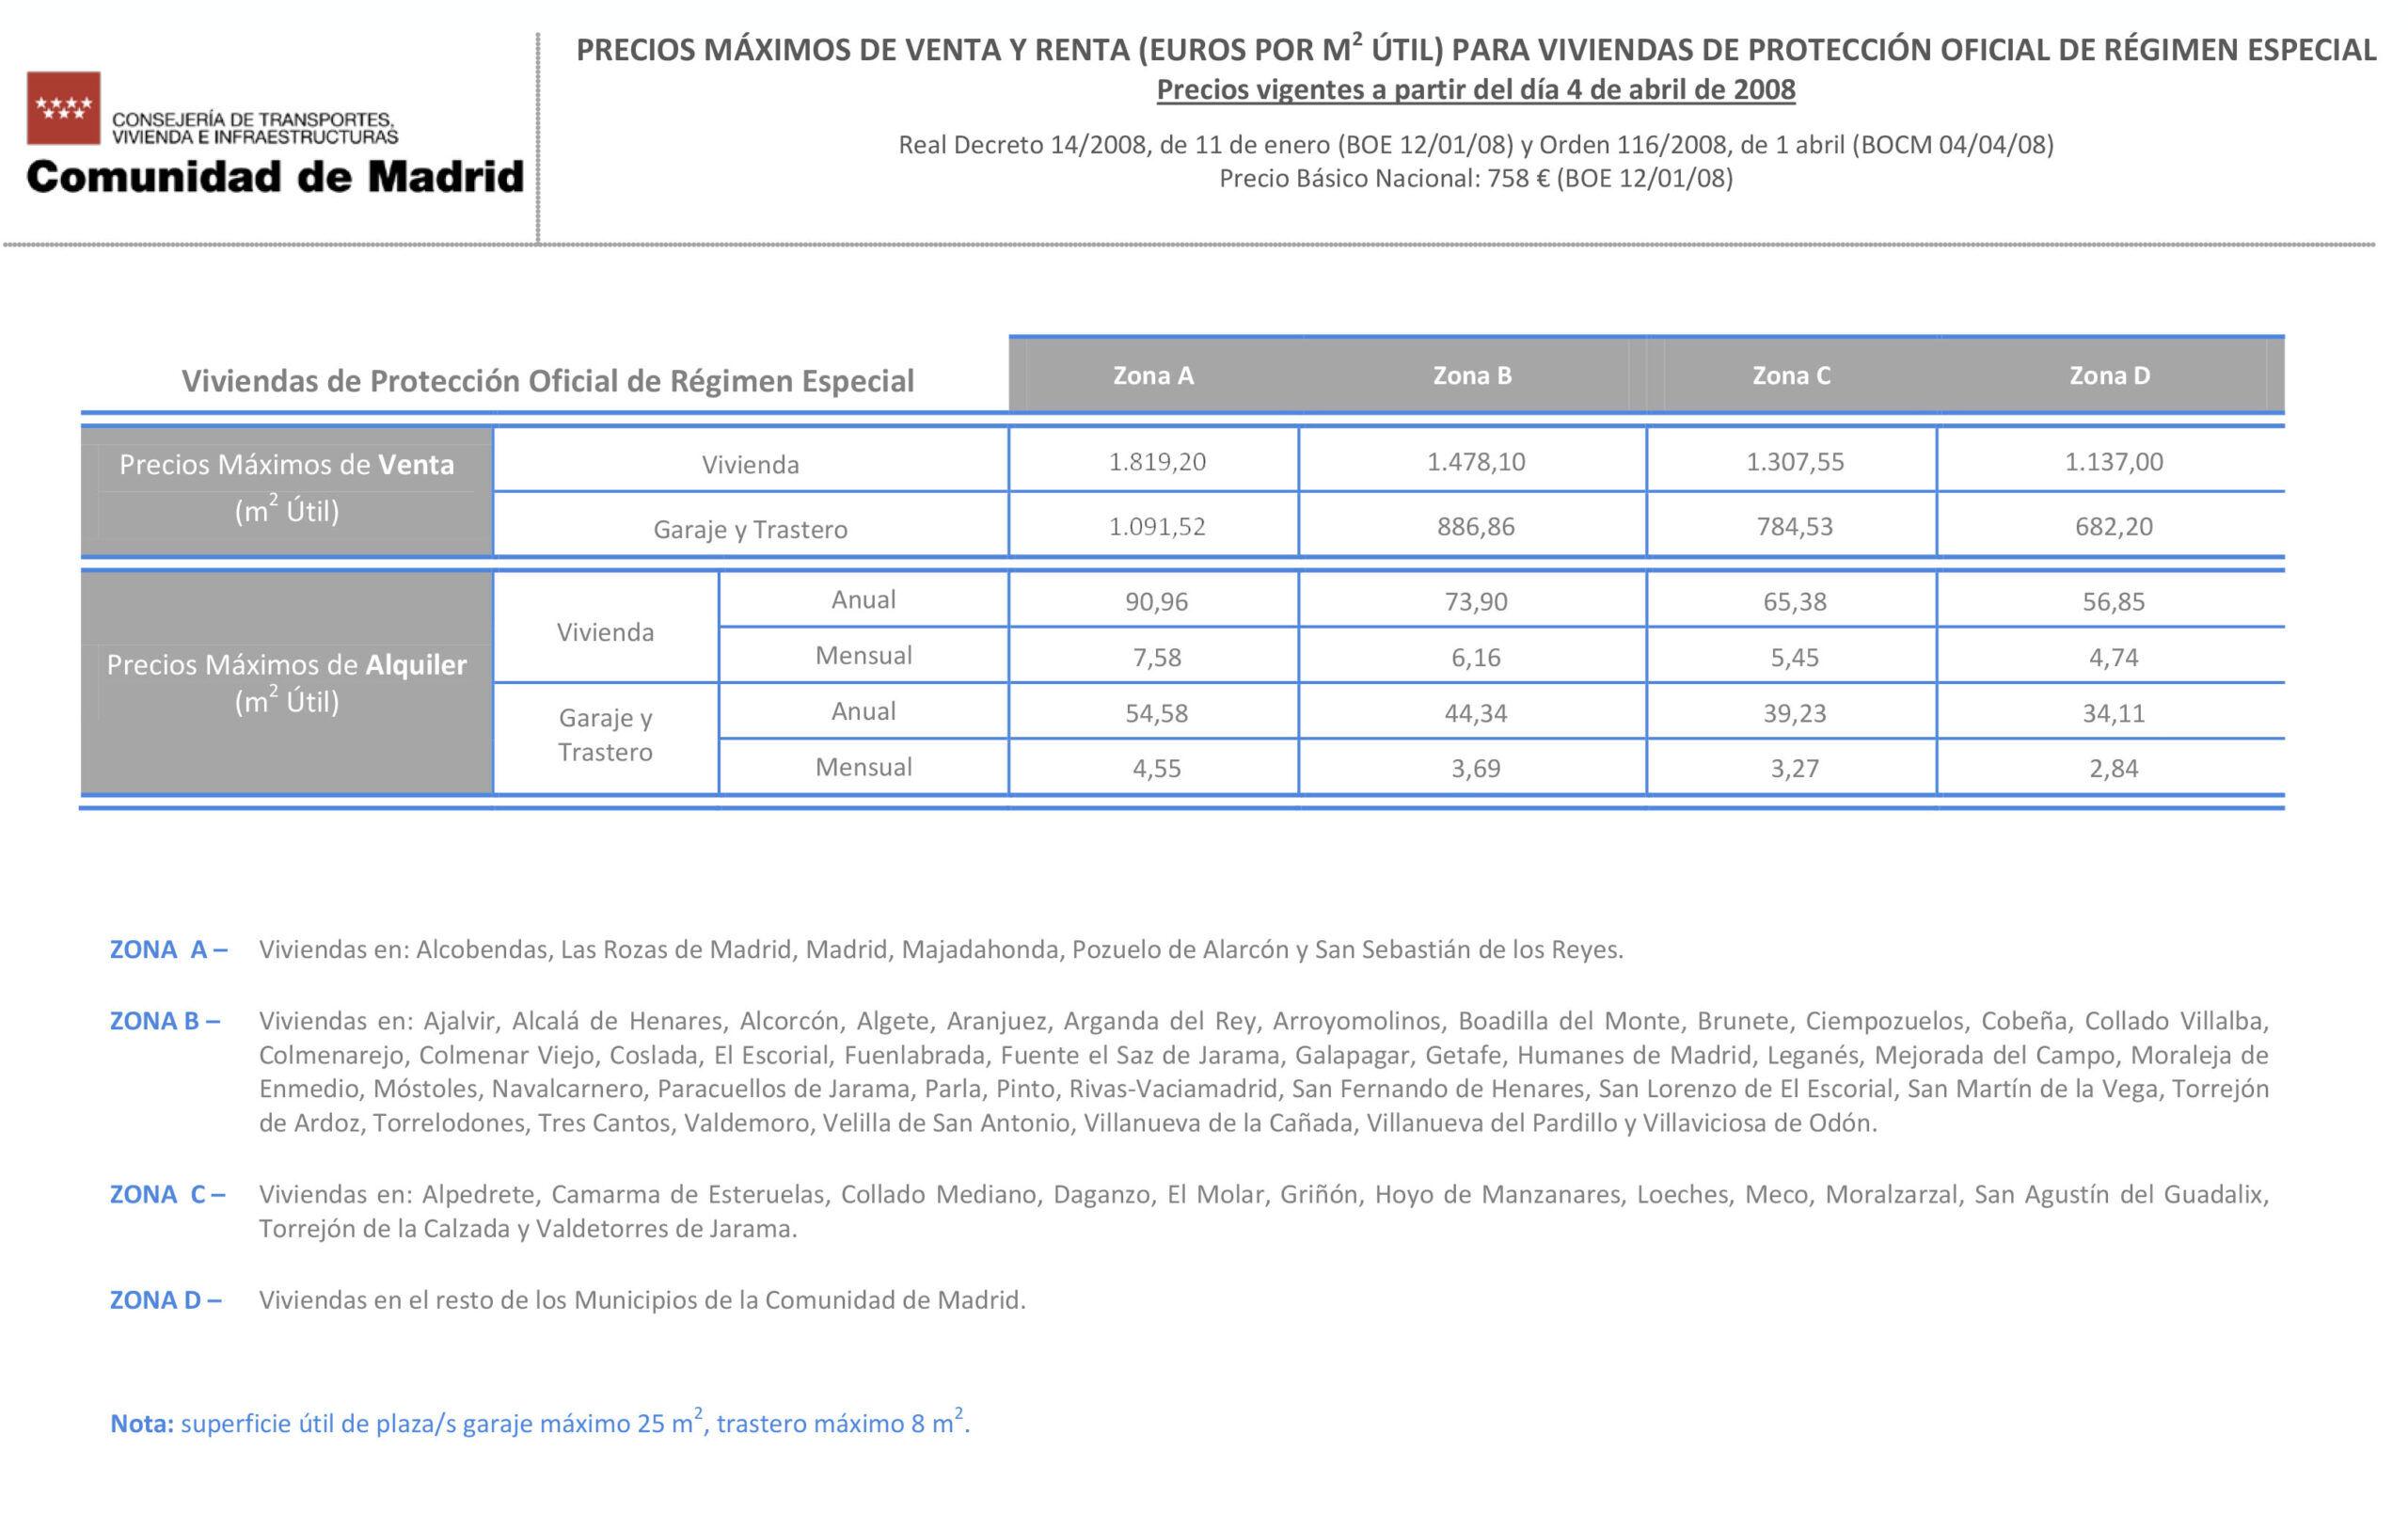 Tablas precio máximo de venta VPO de Régimen Especial en Madrid